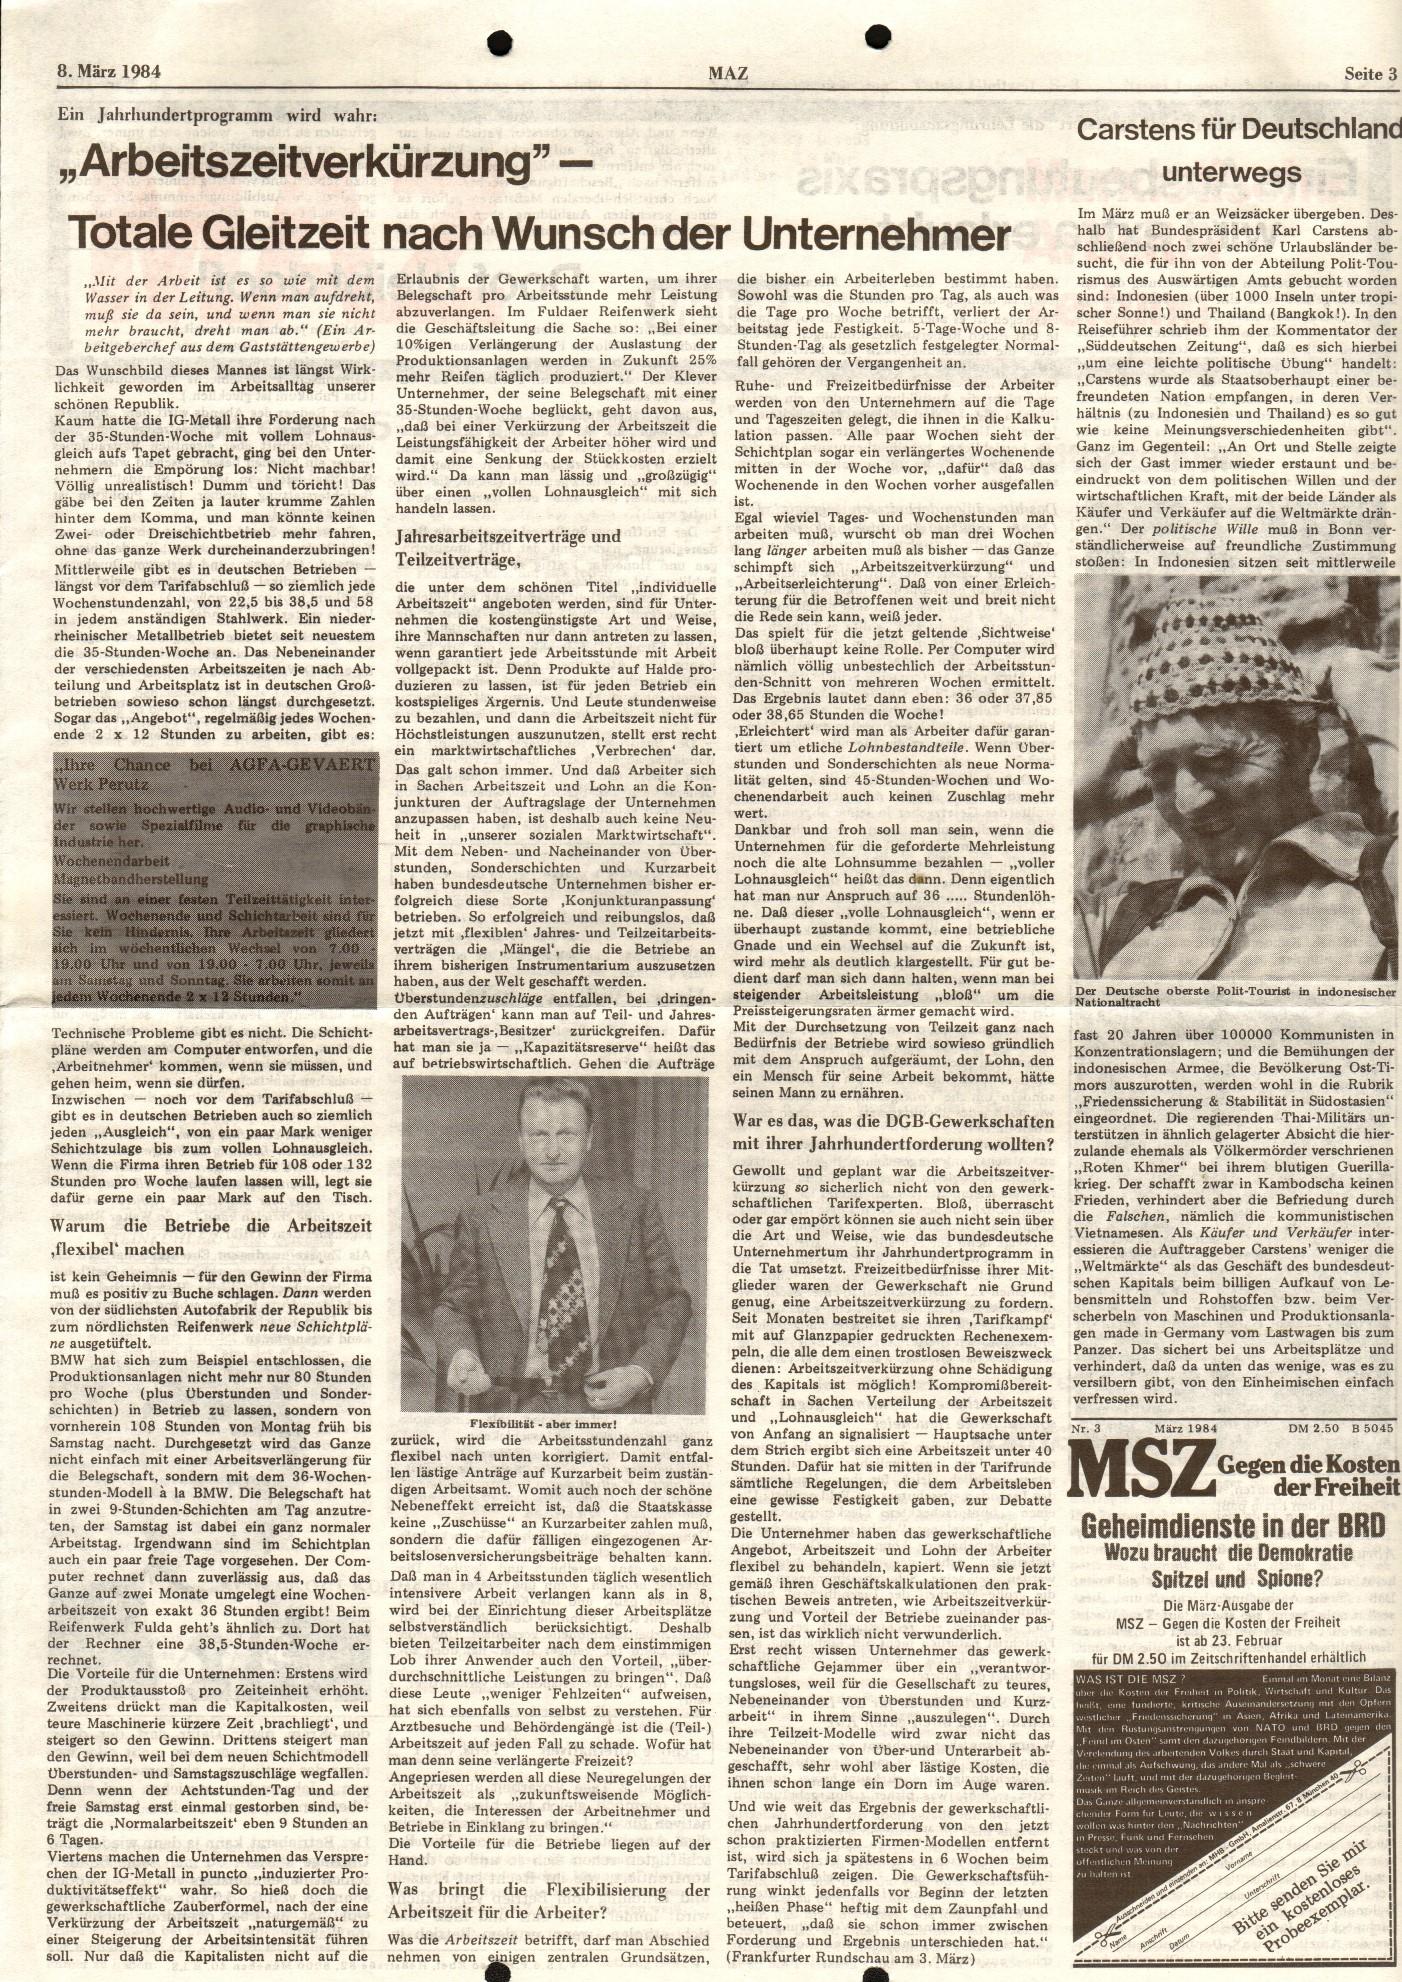 Ruhrgebiet_MG_Marxistische_Arbeiterzeitung_Metall_19840308_03